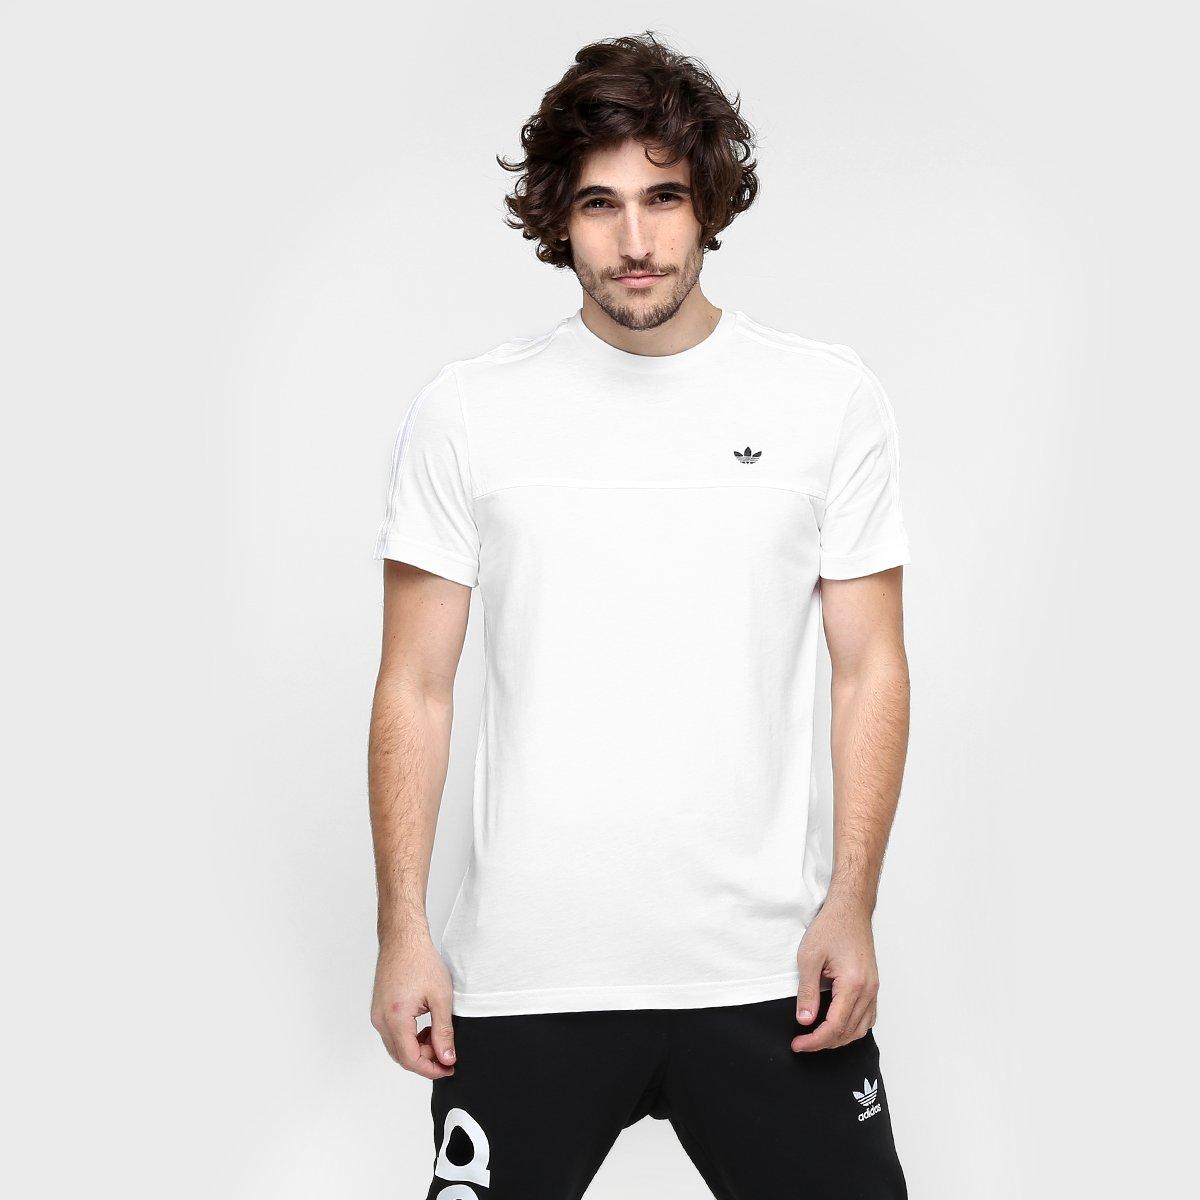 383e938fc97e5 Camiseta Adidas Originals Classic Trefoil - Compre Agora